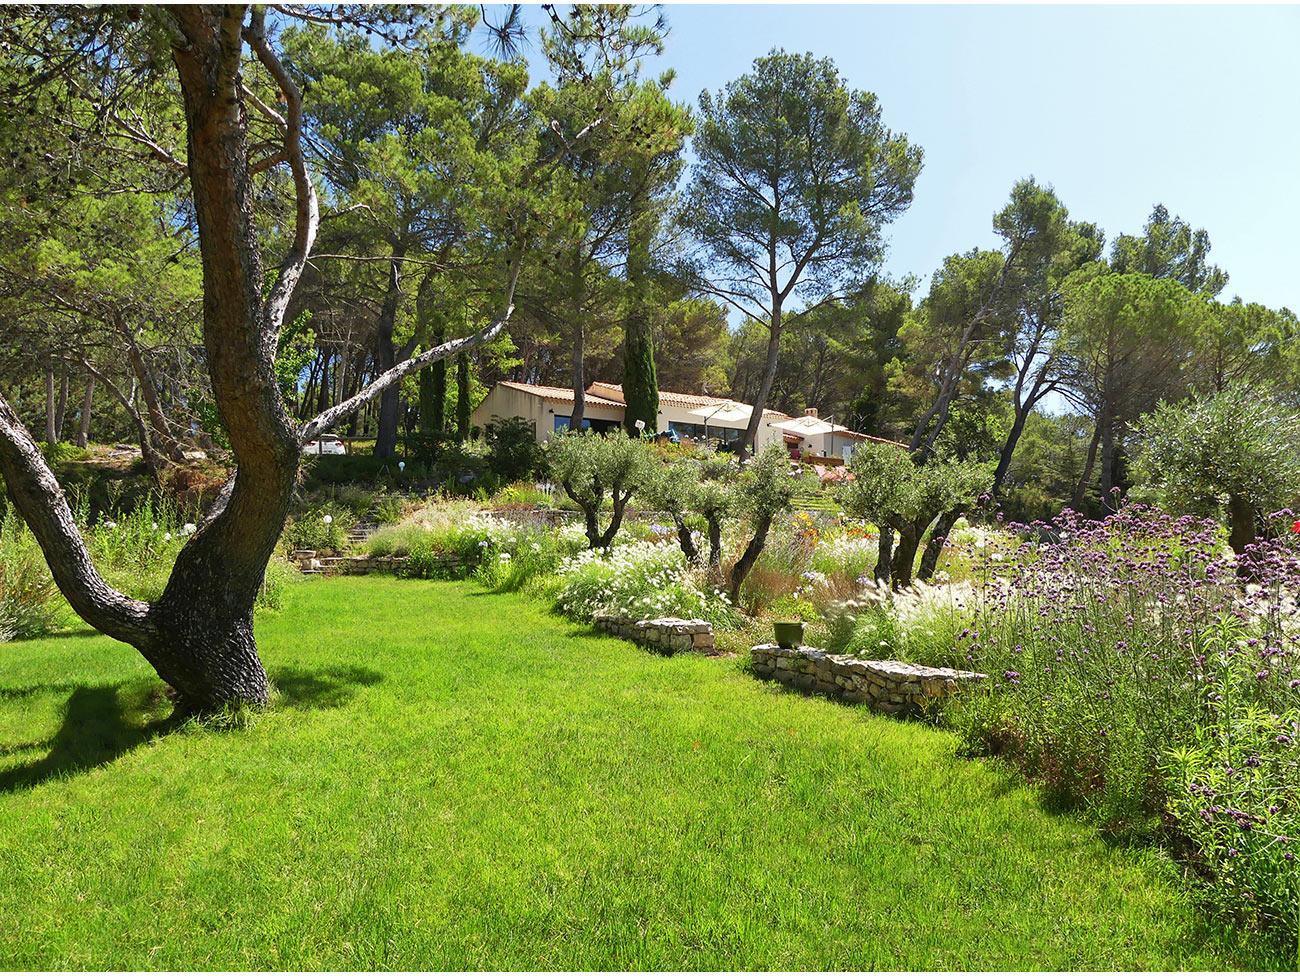 Atelier Naudier - Architecte paysagiste concepteur - Montpellier et Aix en Provence - Jardin méditerranéen contemporain - aménagement jardin